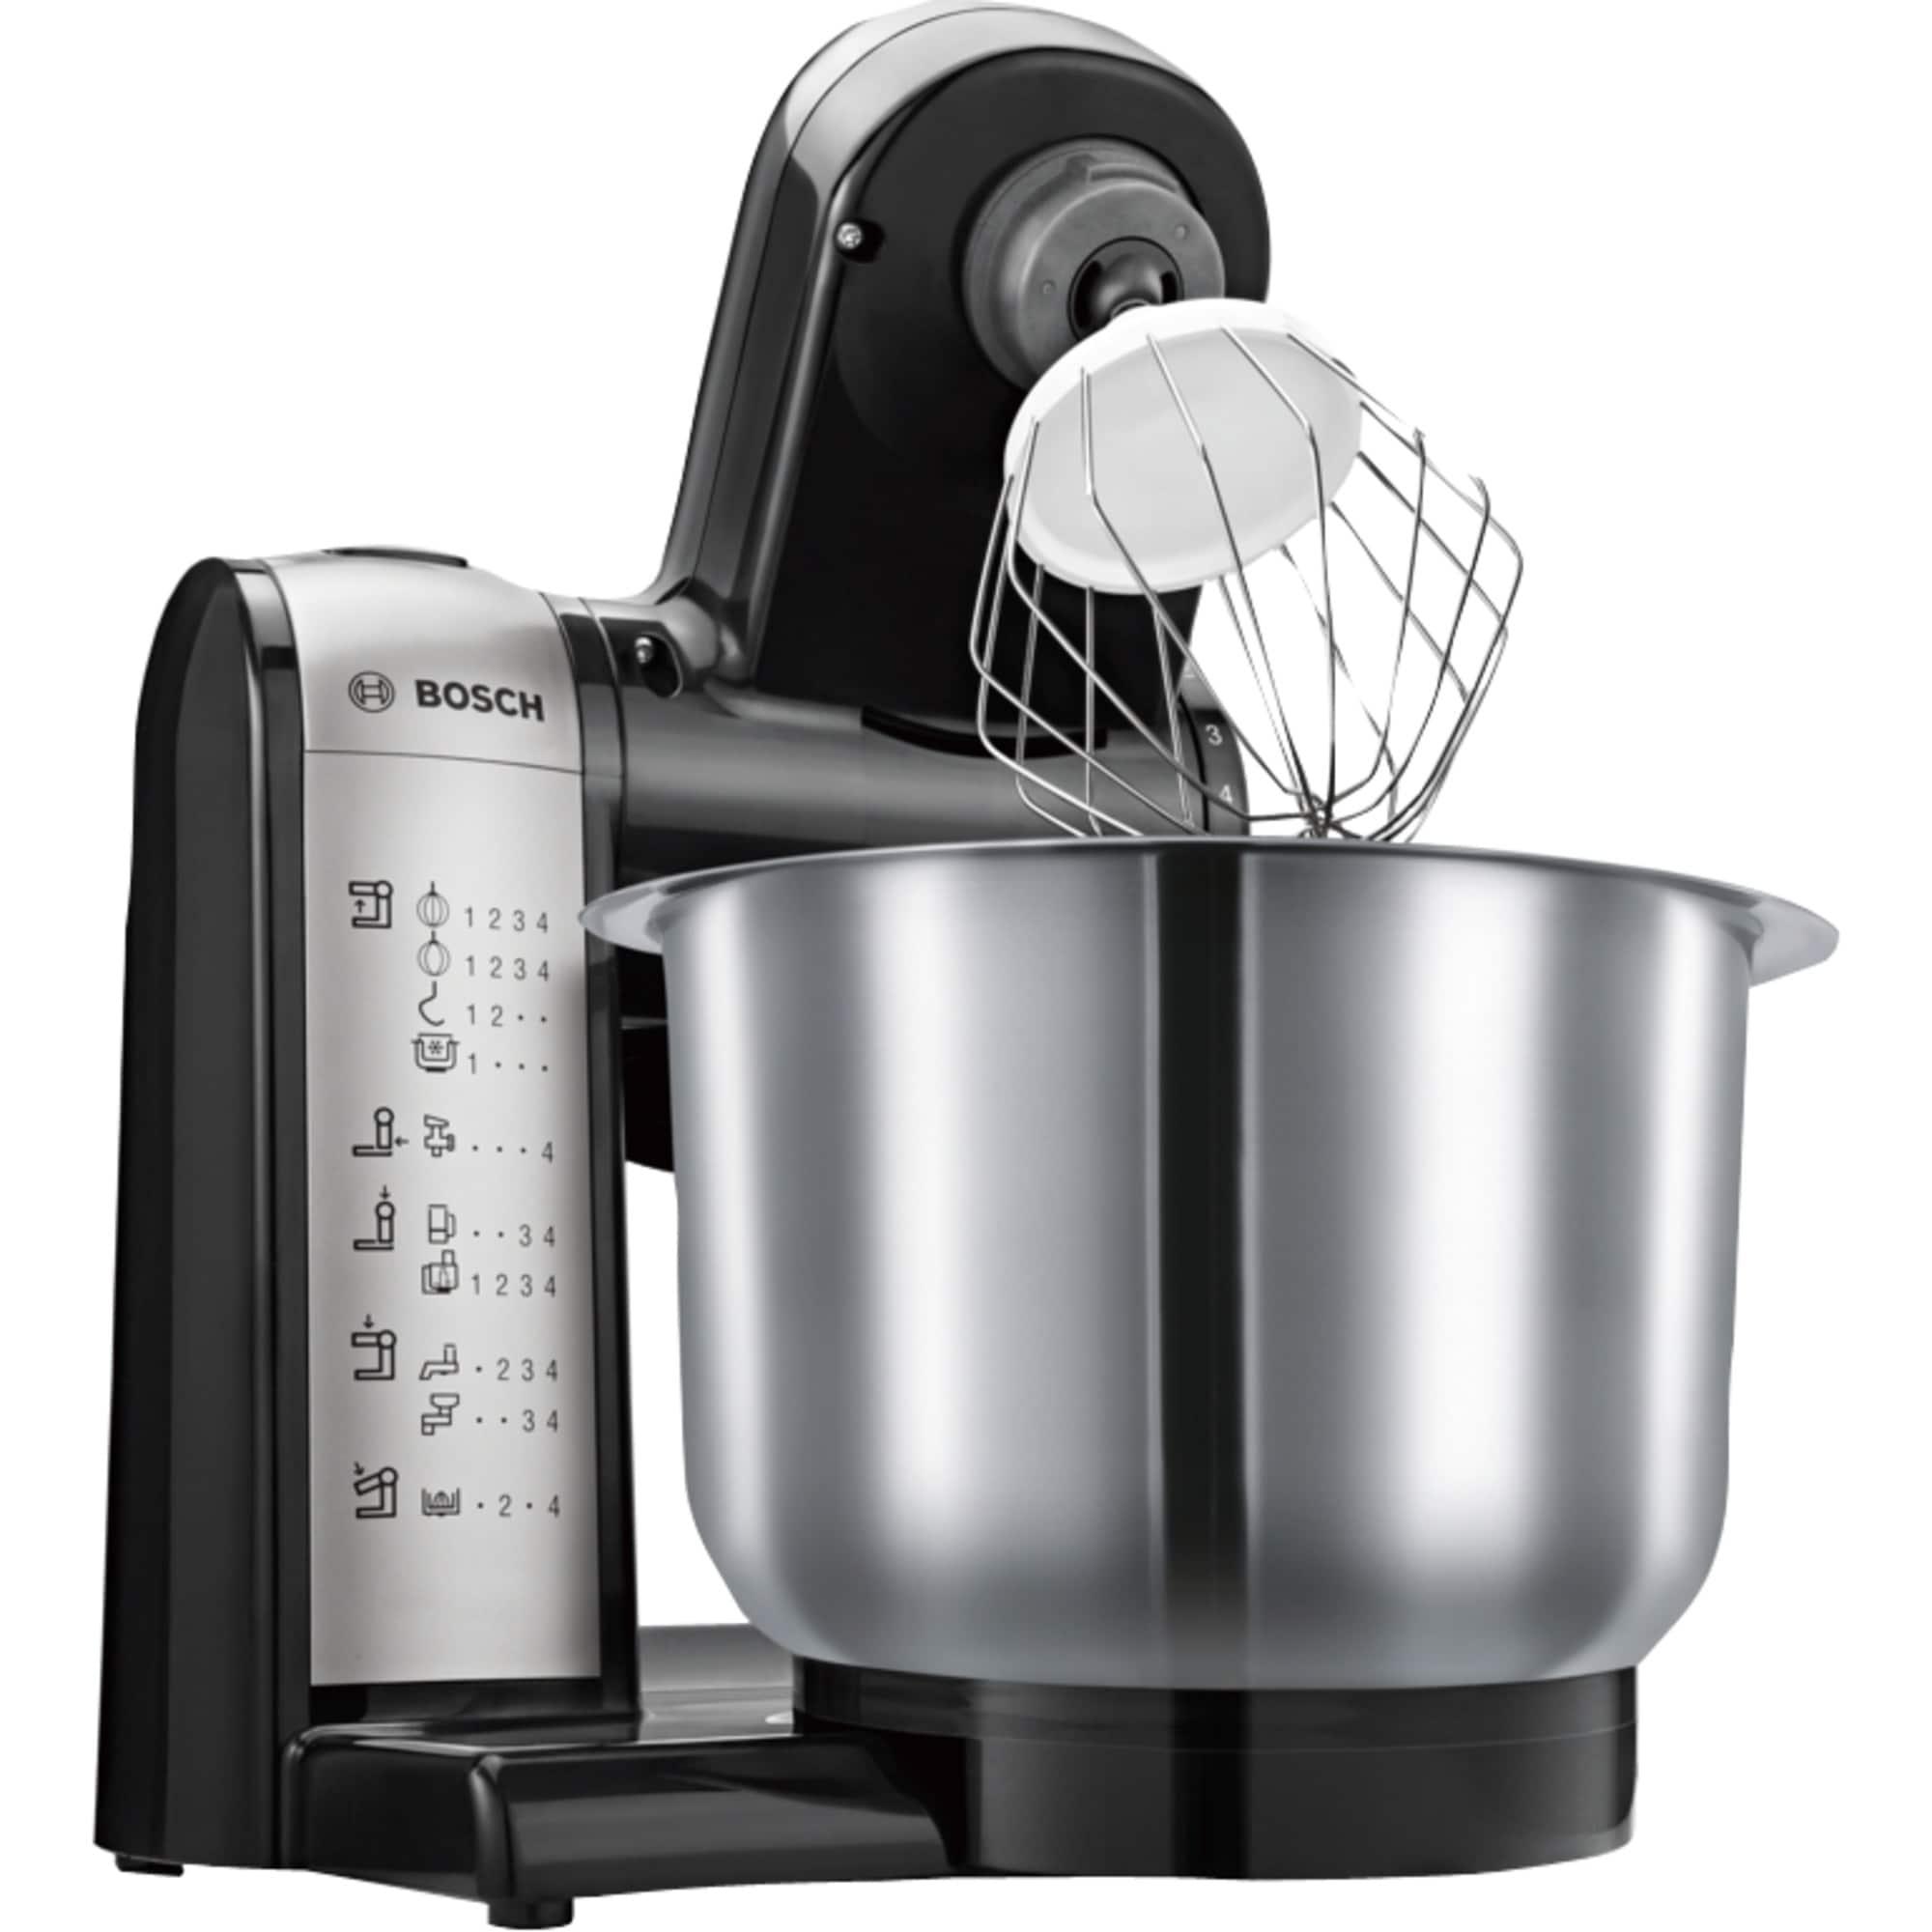 Bosch Küchenmaschine MUM48A1 grau-silber